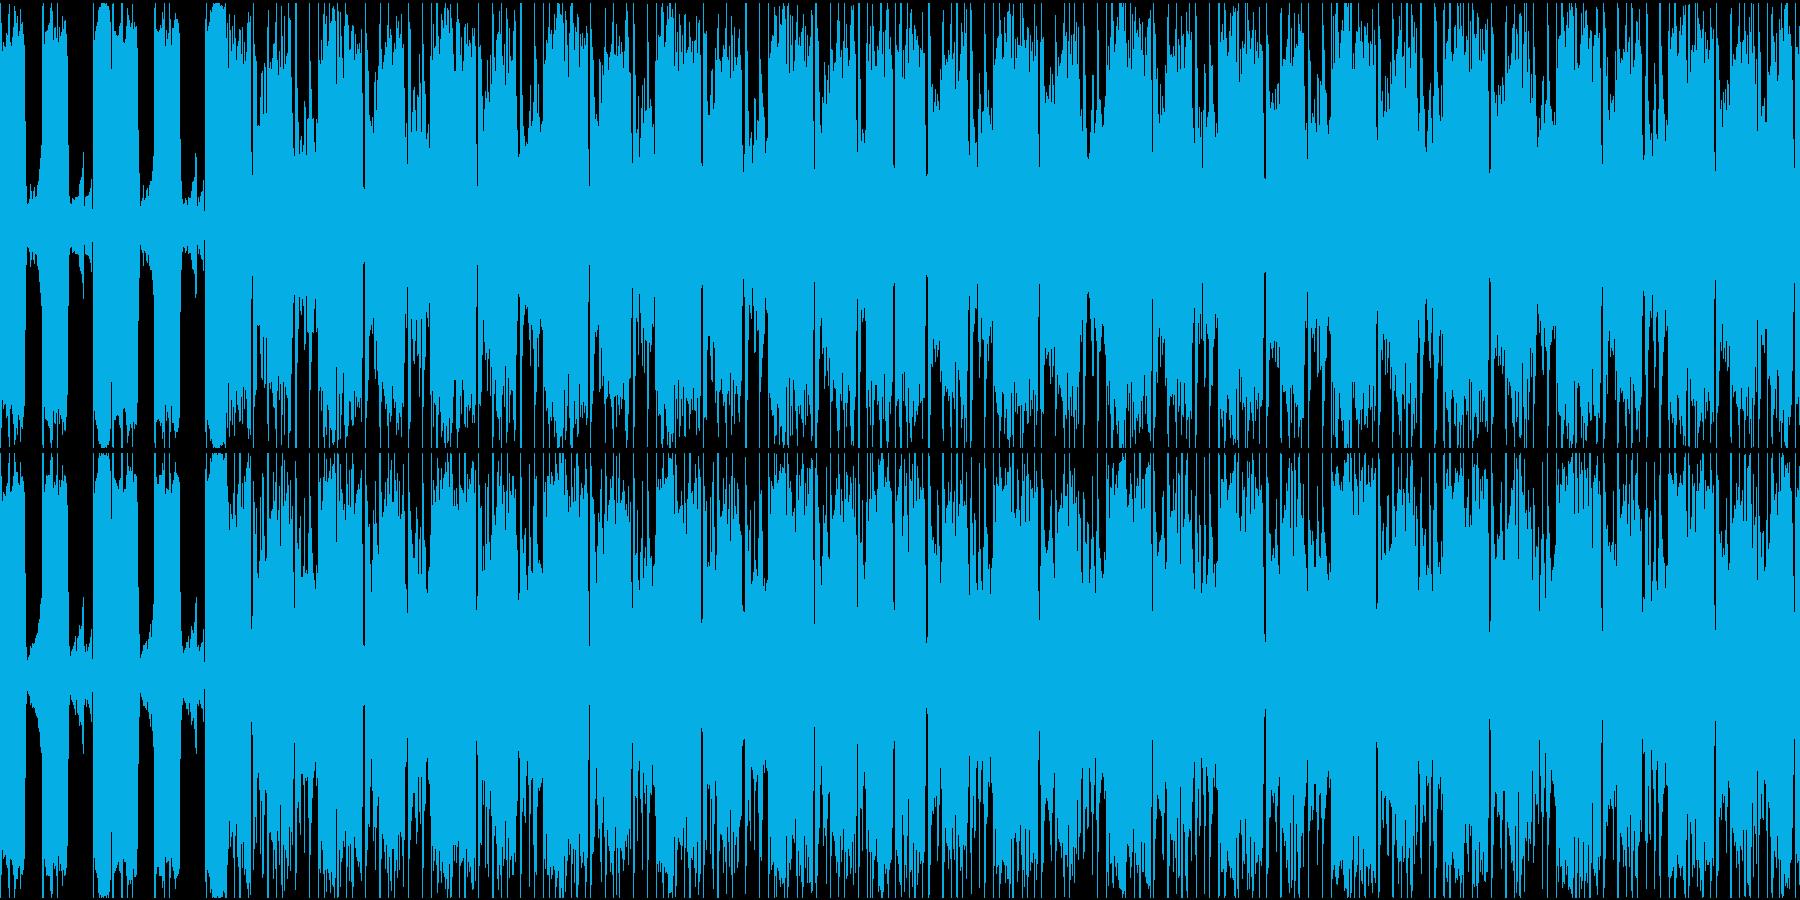 歪んだ重たいベースリフ 悪役の登場などにの再生済みの波形